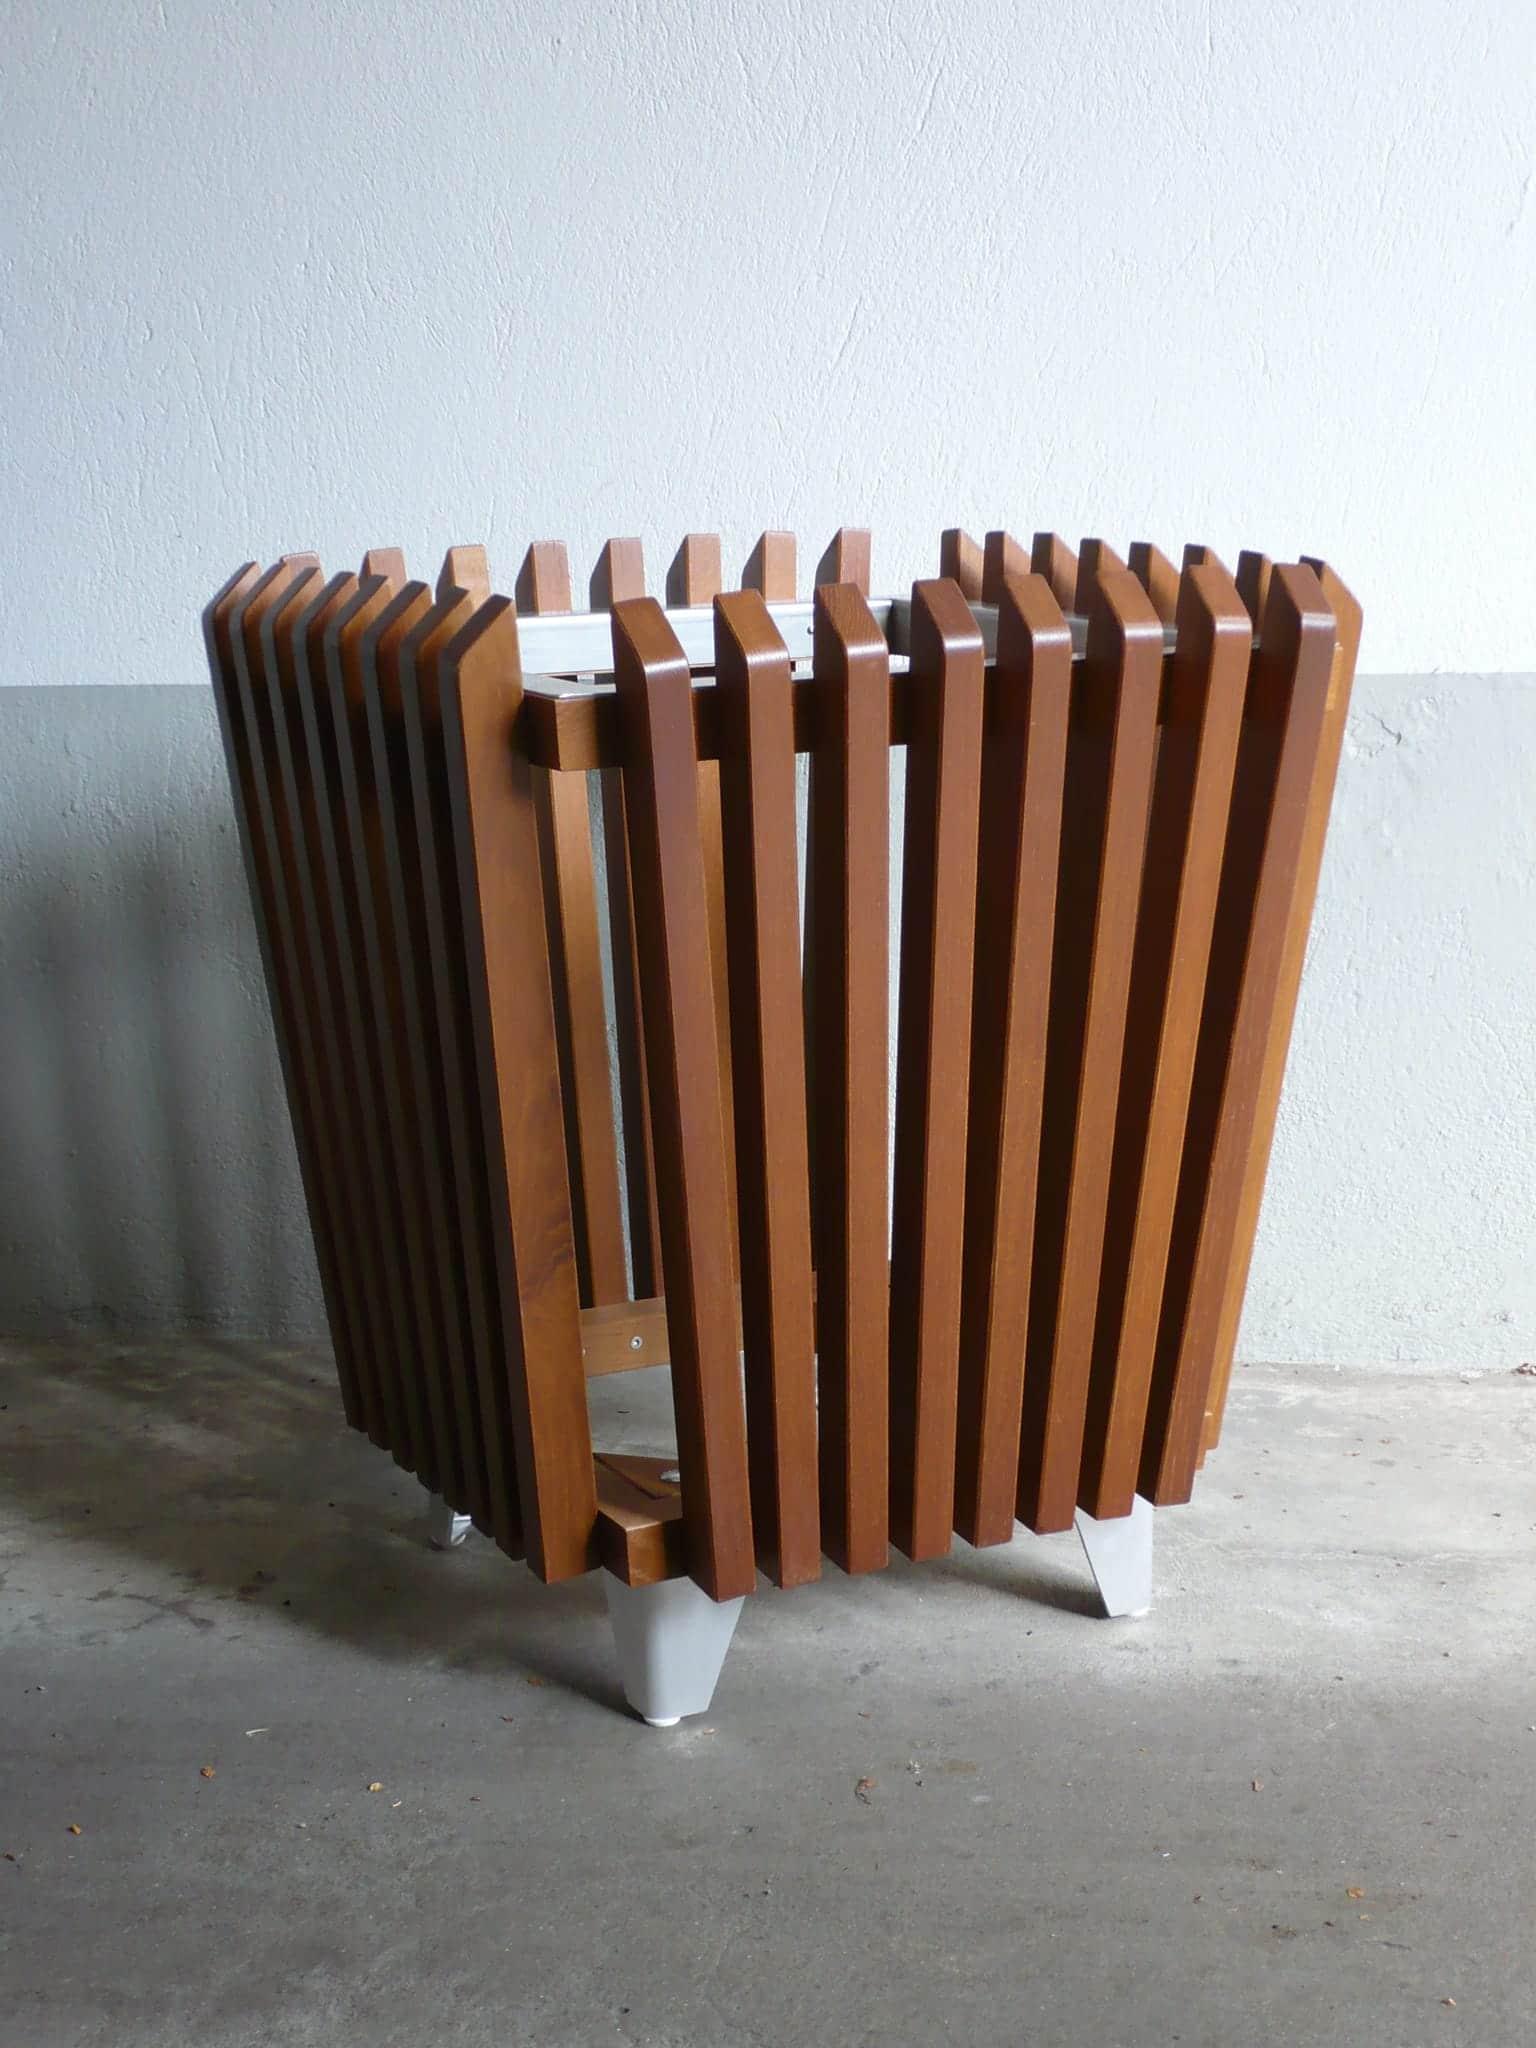 tischlerei-hanses-essen-moebel-handwerk-muelleimer